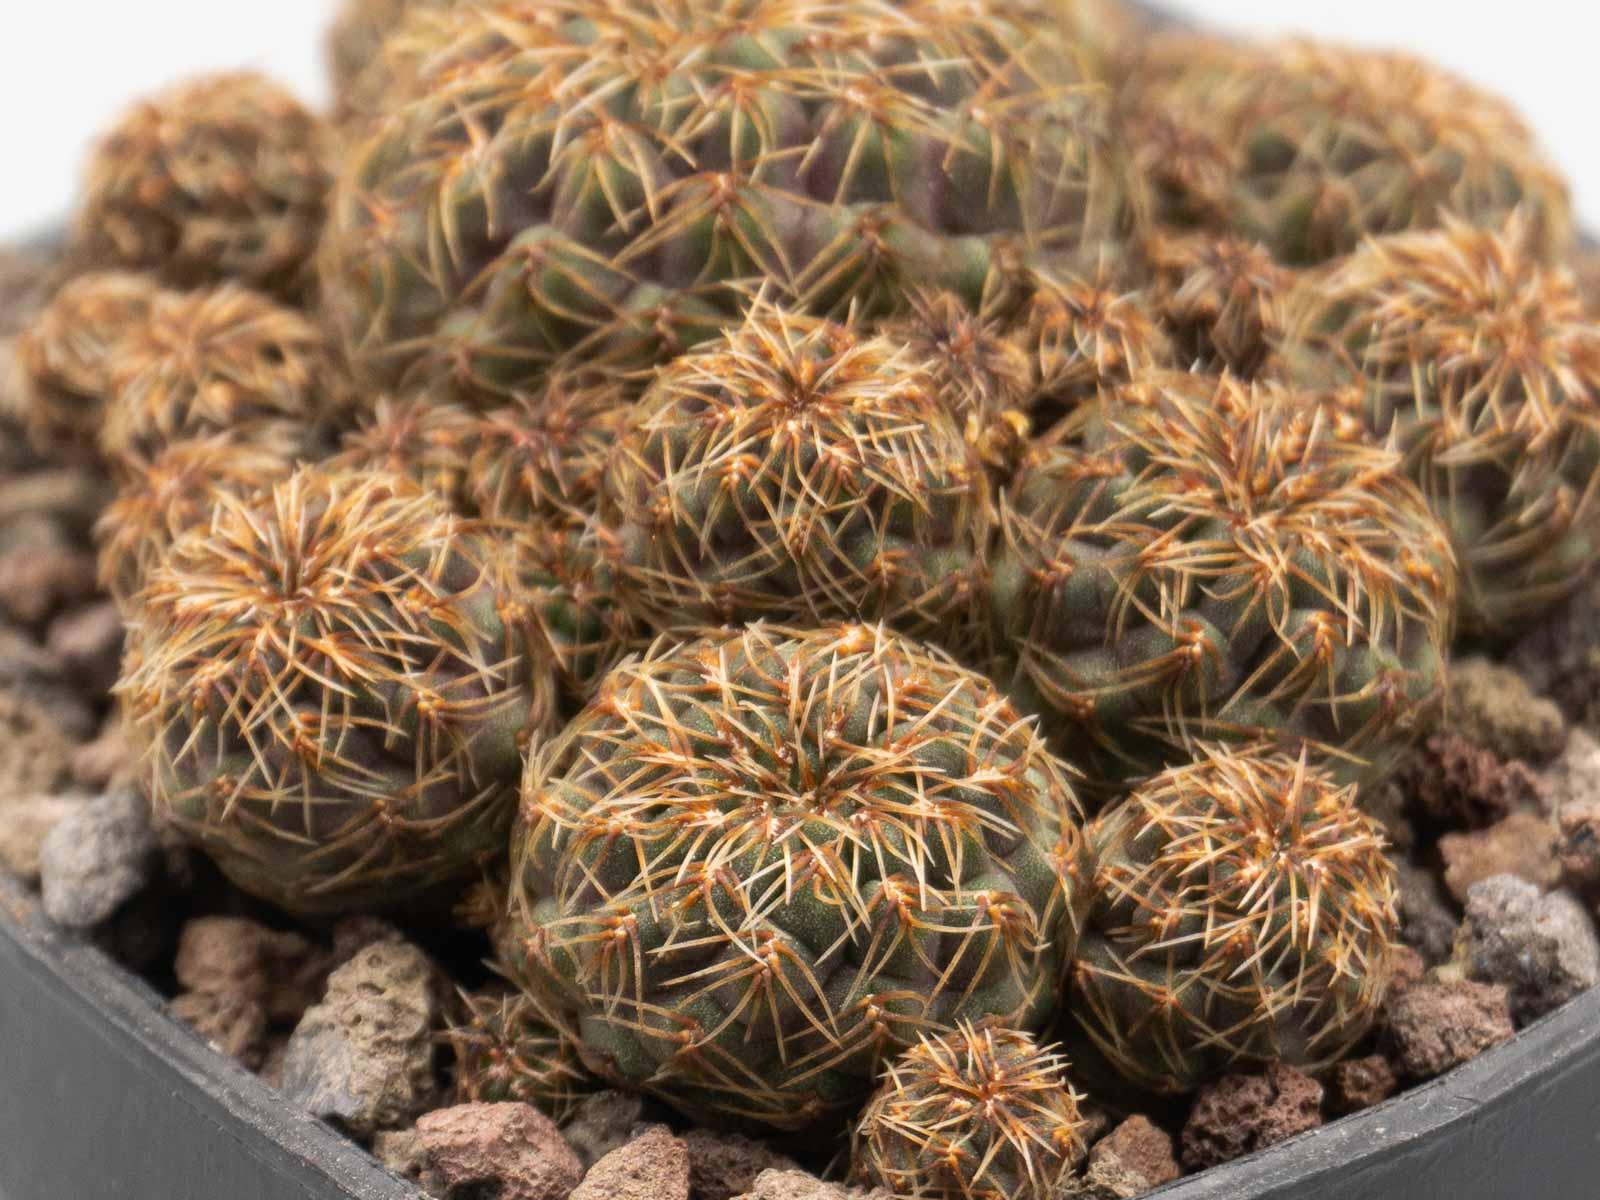 Sulcorebutia pasopayana L387